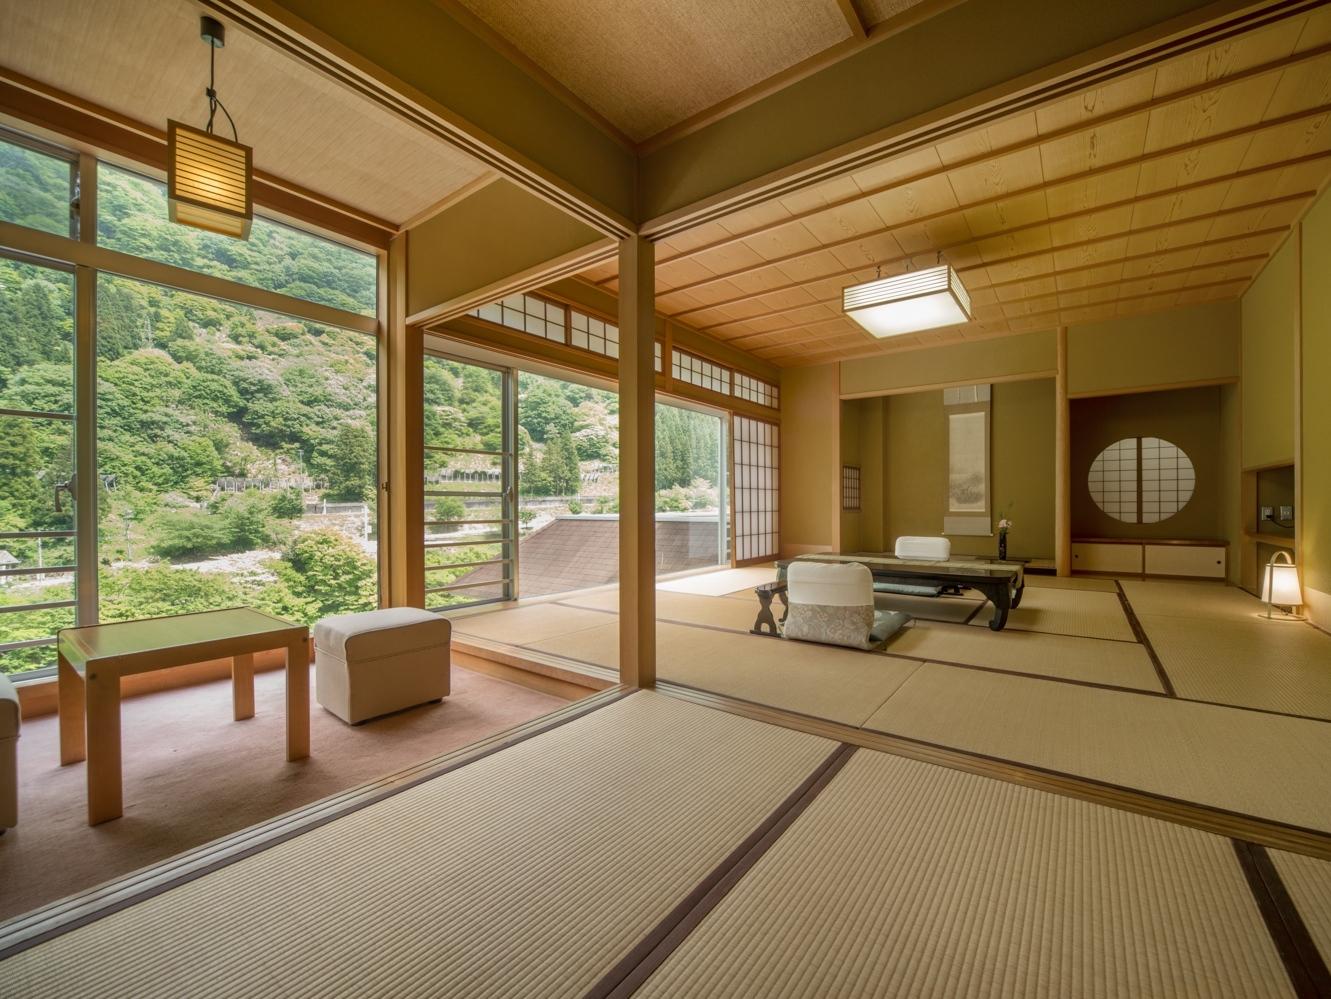 宇奈月温泉の宿、ホテル黒部へようこそ。黒部峡谷に最も近い富山県黒部市の...